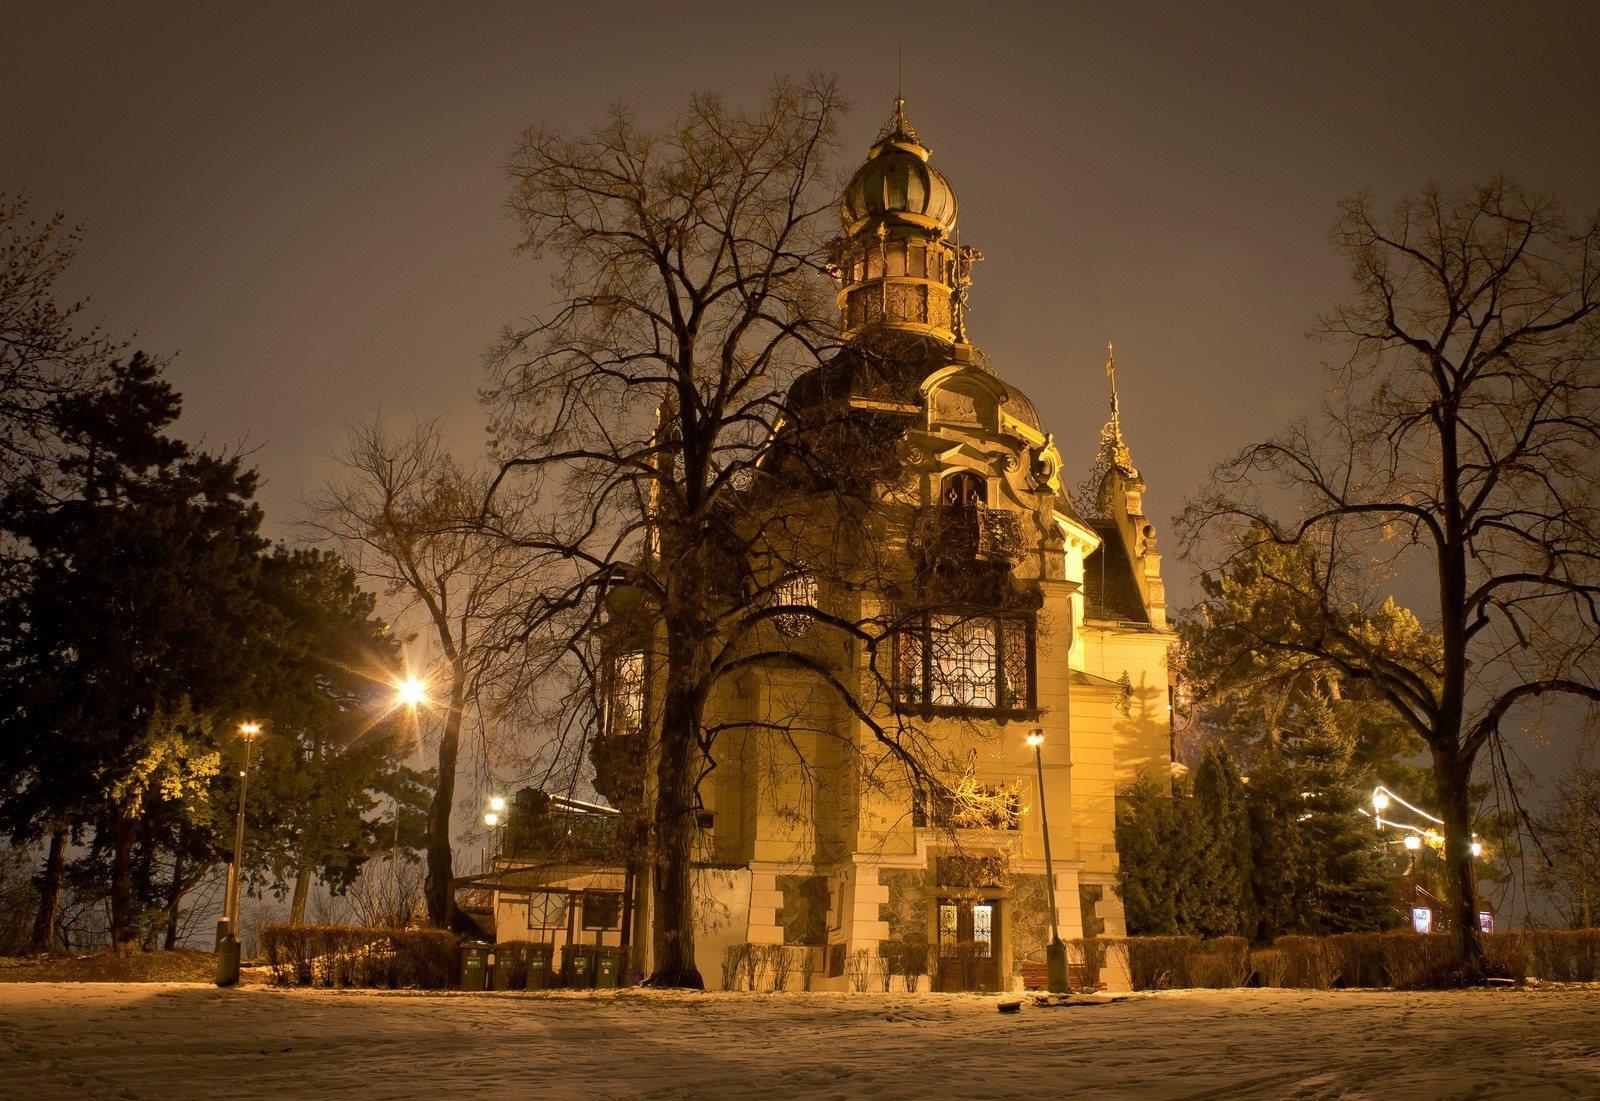 Hanavský pavilon na Letné - Foto: Marek Nahodil